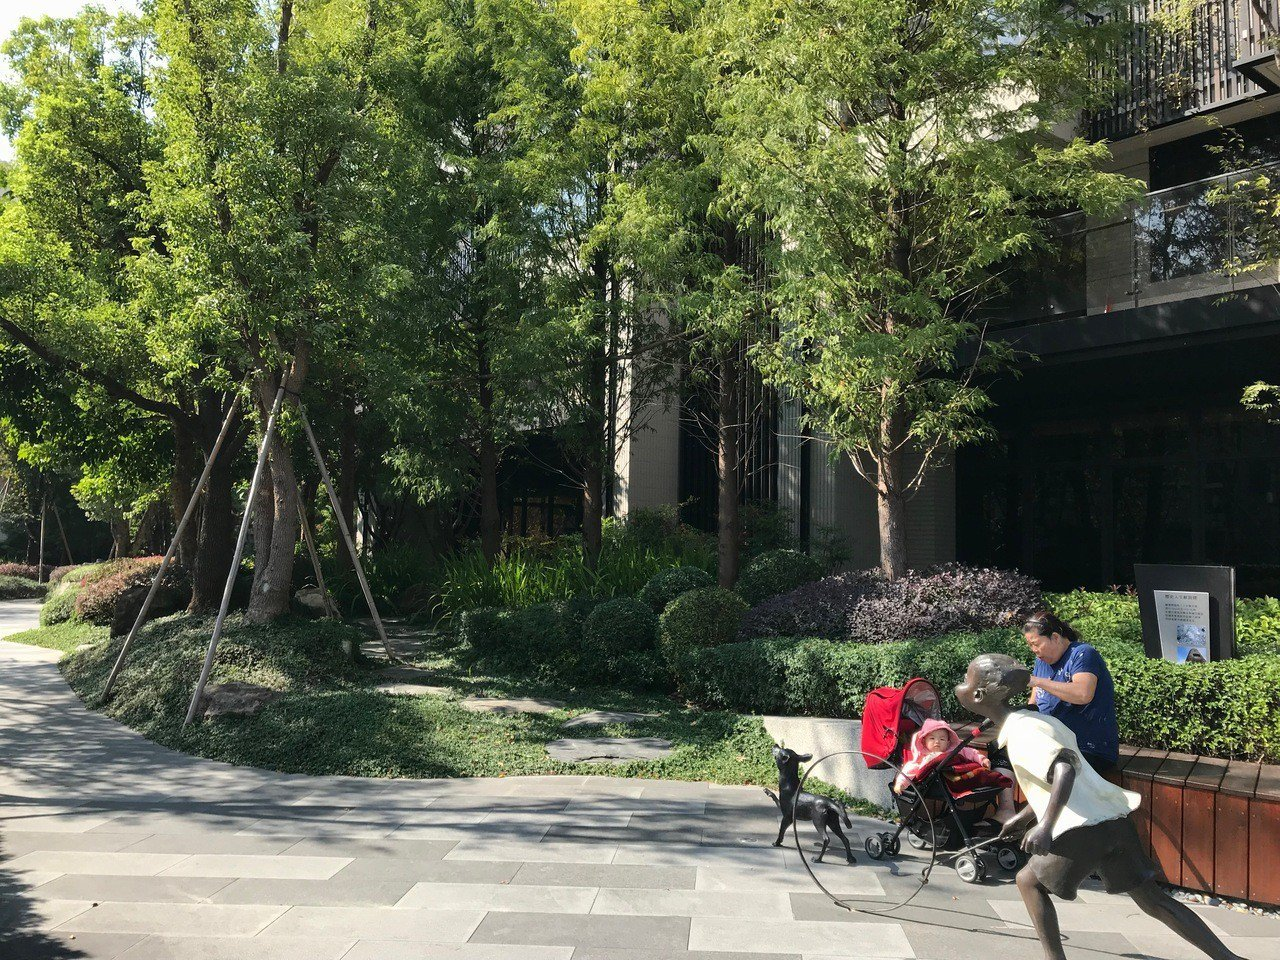 建築開放空間可營造街廓氛圍,提供社區休憩空間。 記者洪敬浤/攝影